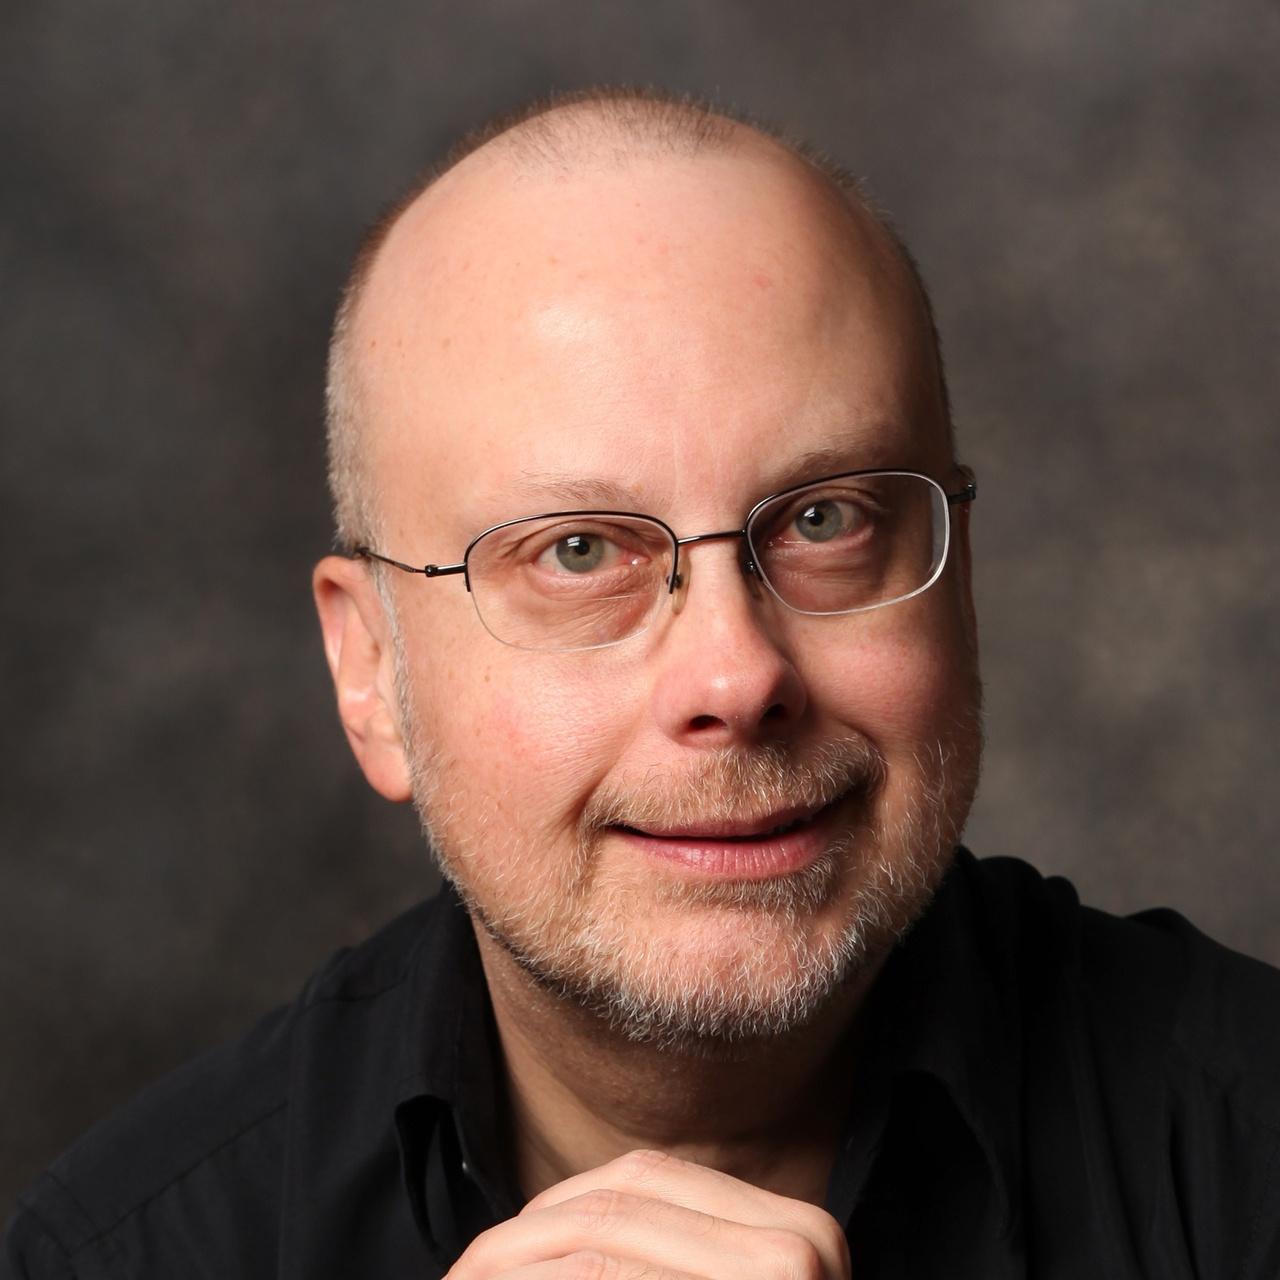 Robert j sawyer author photo by bernard clark color for avatars